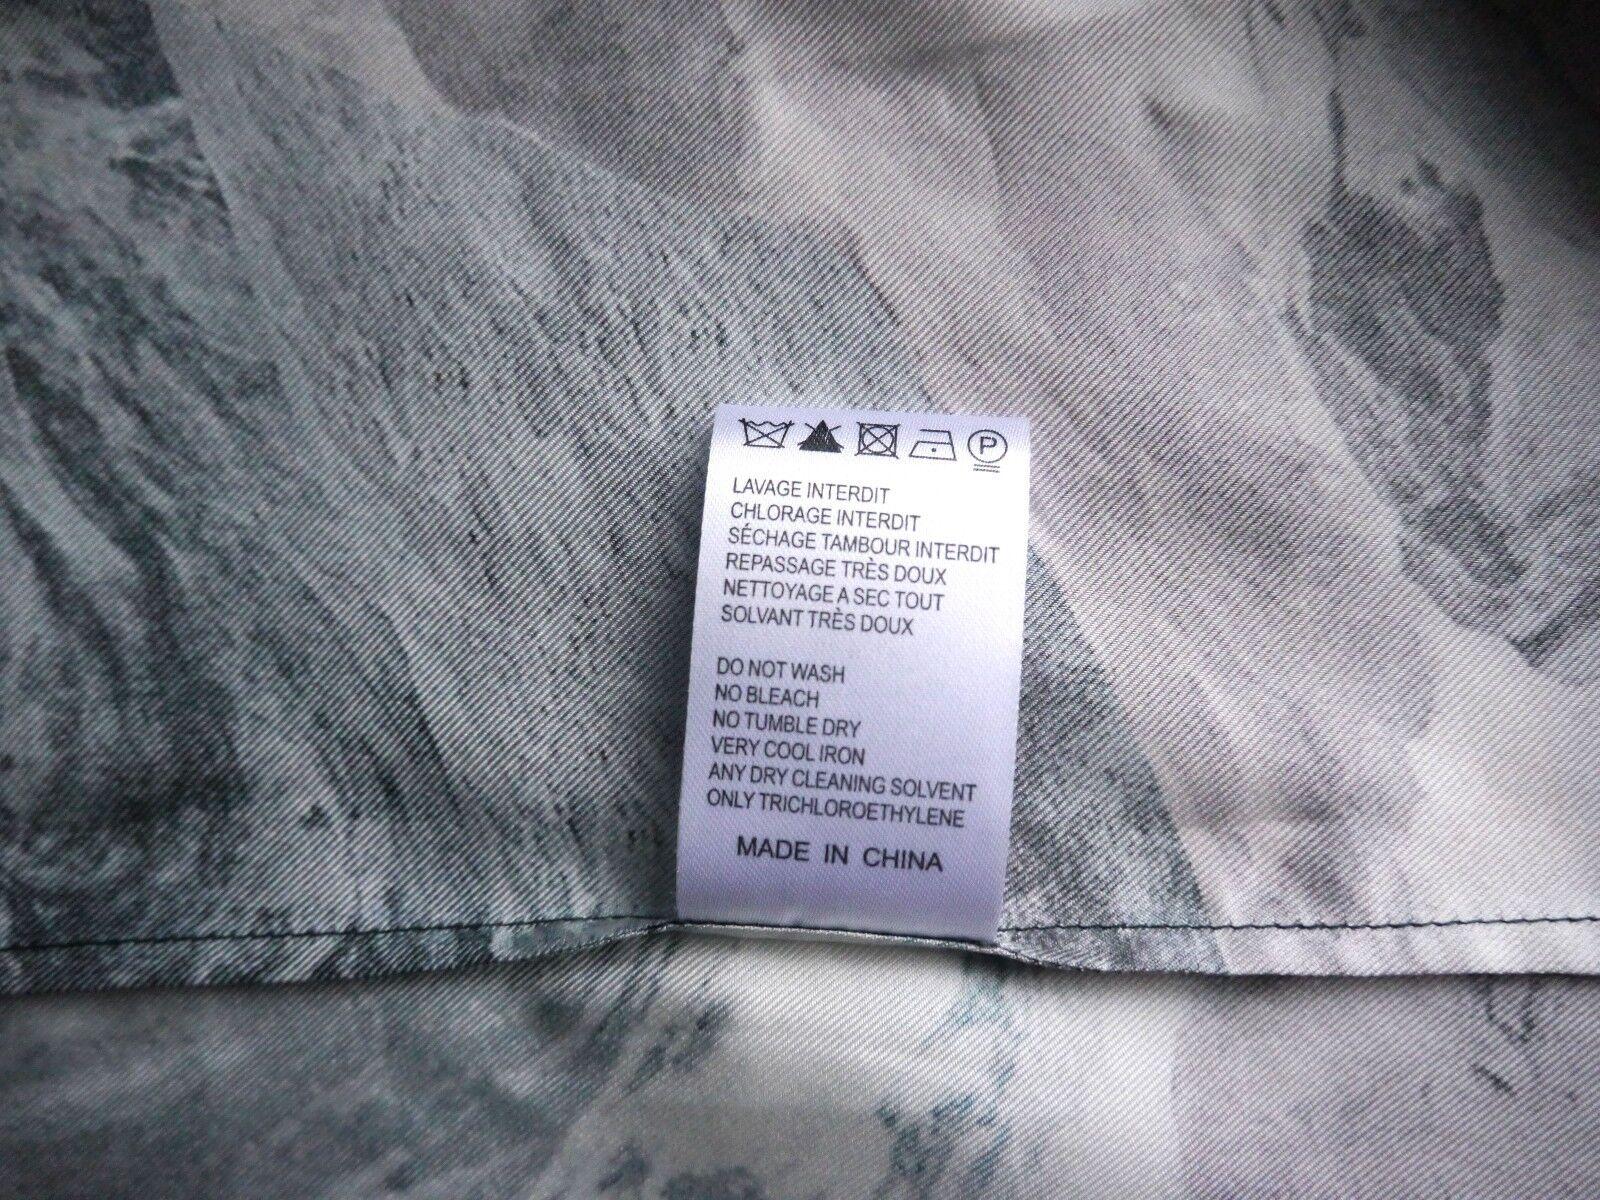 CARVEN Blause Seide NEU 38 frz 40 Wellen Print Hemd Hemd Hemd Blau Braun     Export    Wirtschaftlich und praktisch    Qualität und Quantität garantiert    Fuxin    Qualitätsprodukte  51707a